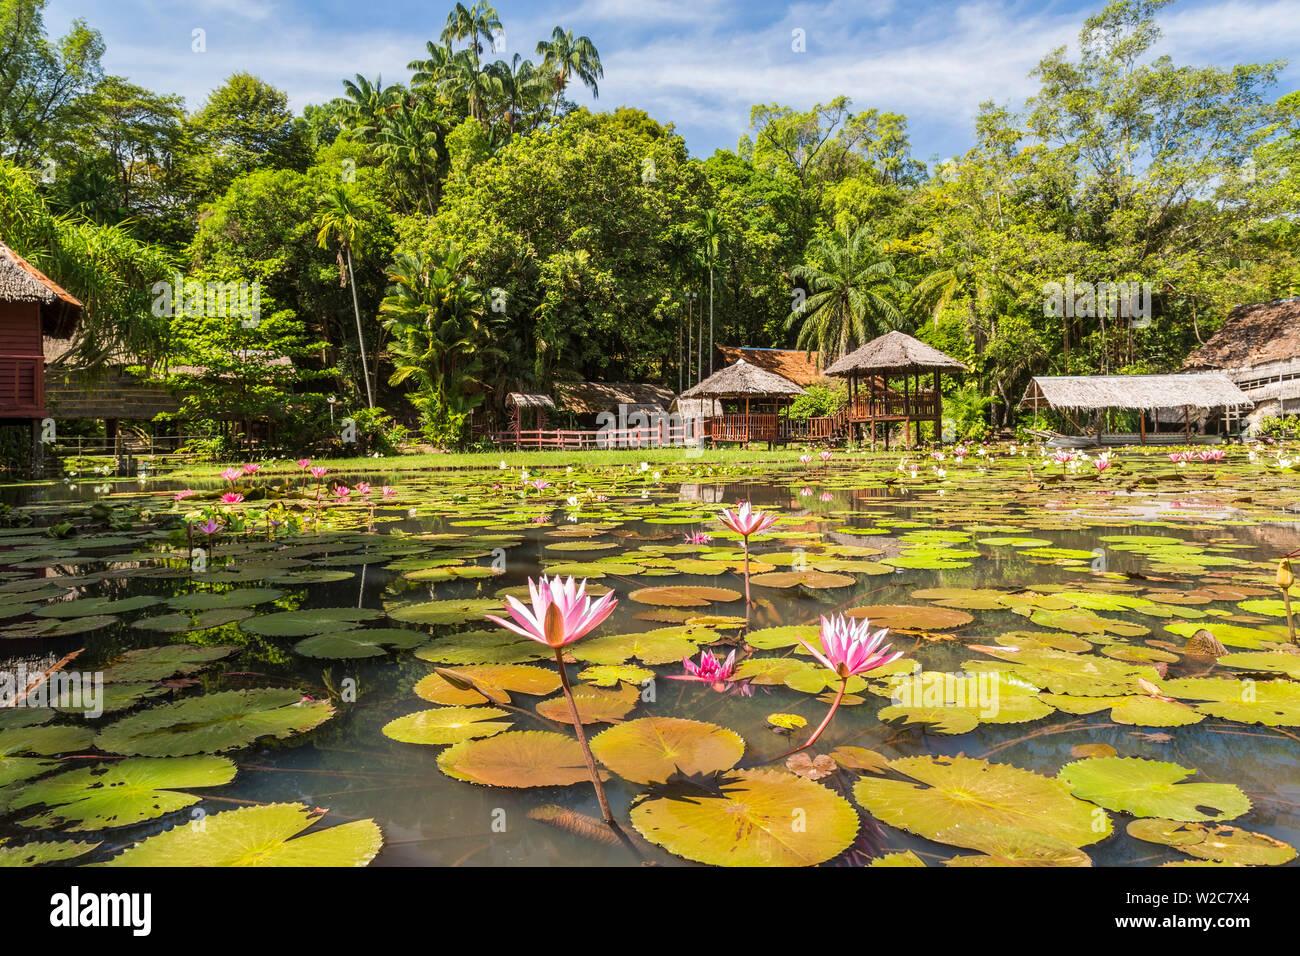 Heritage Cultural Village & water lillies, Sabah State Museum, Kota Kinabalu, Sabah, Borneo, Malaysia - Stock Image